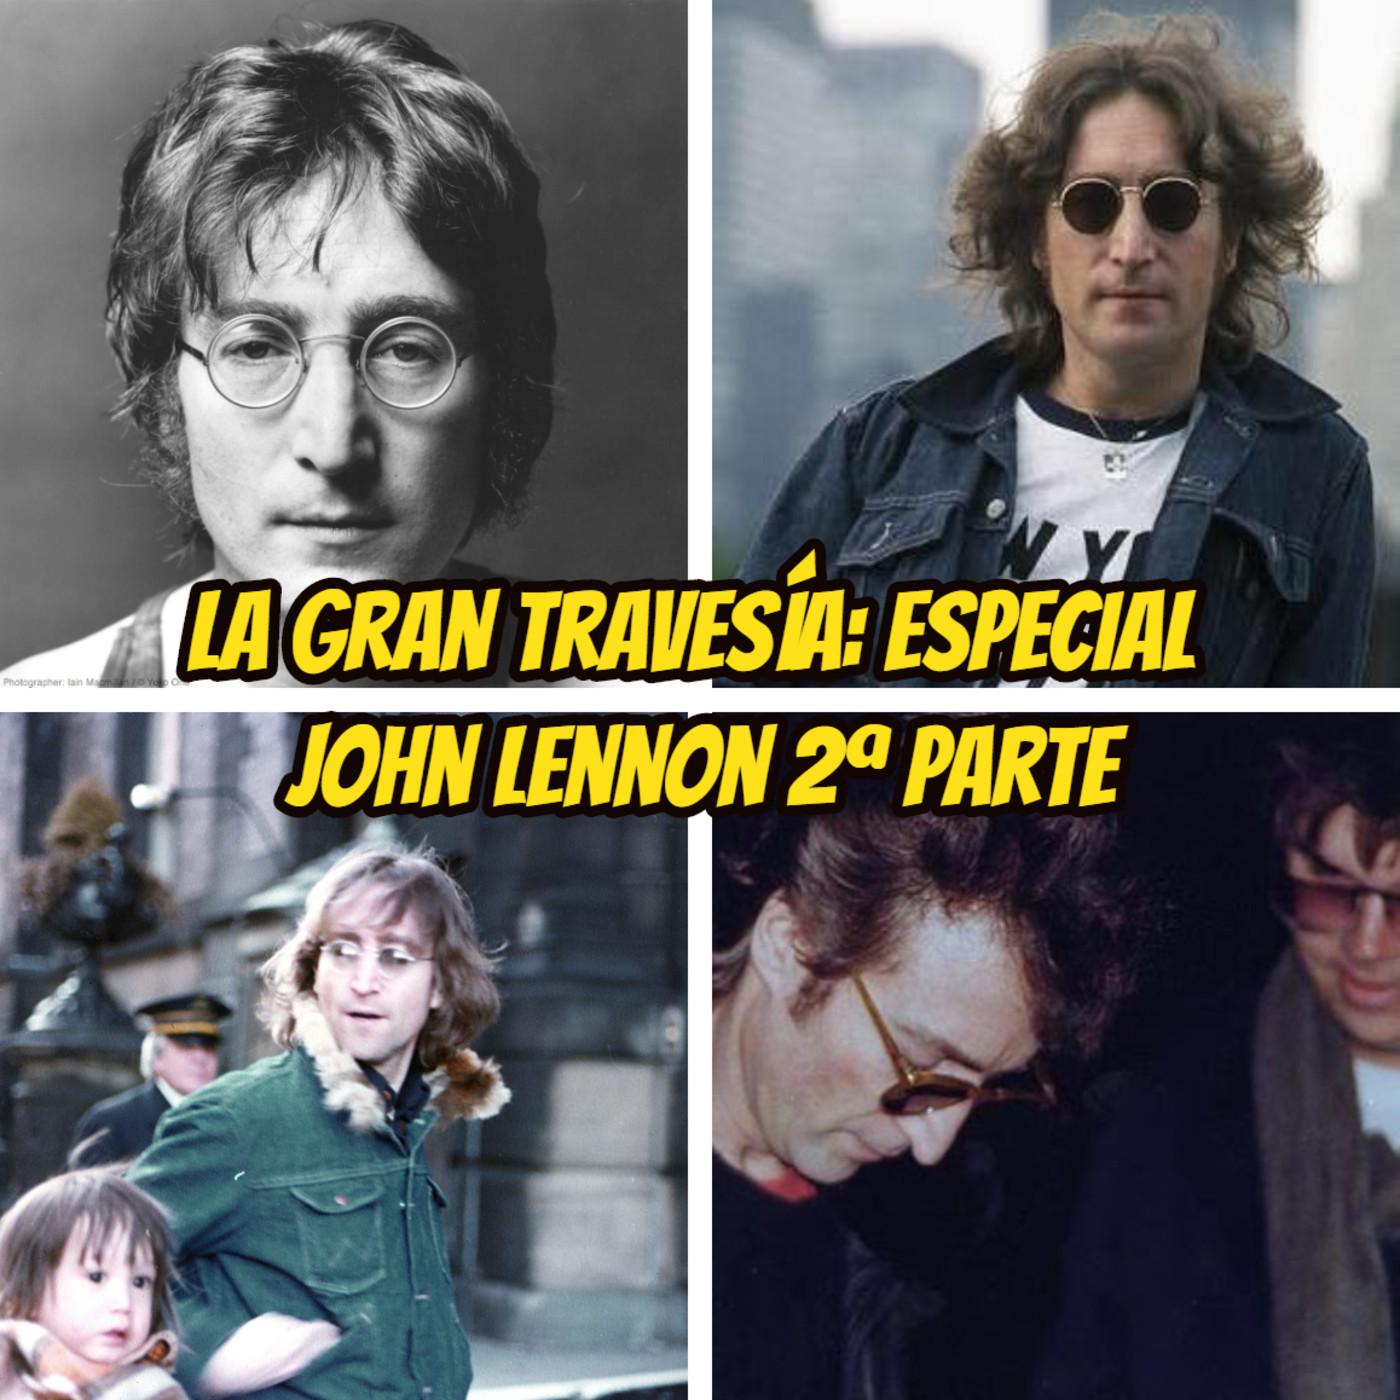 La Gran Travesia: Imagina John Lennon. 80 años. 2ª Parte